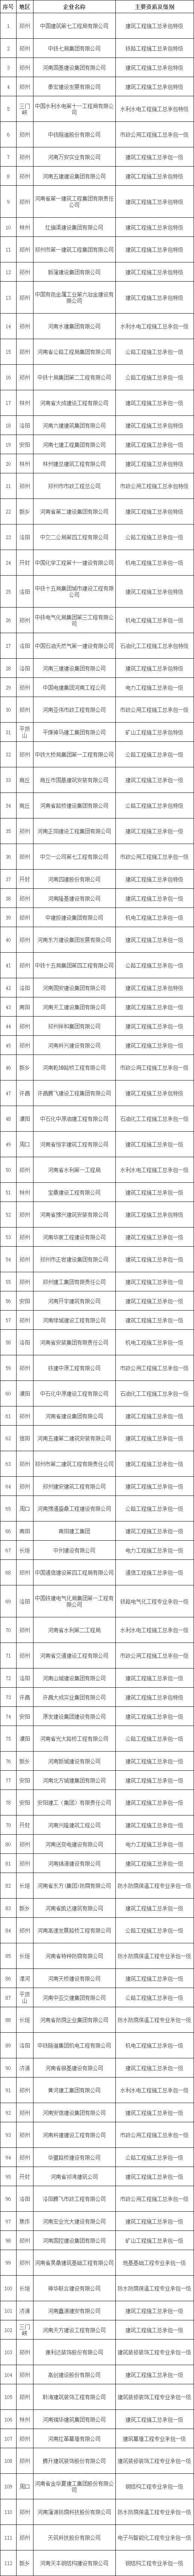 """热烈祝贺河南乾坤路桥工程有限公司被省住建厅:列入""""重点培育12博娱乐城名单""""!"""